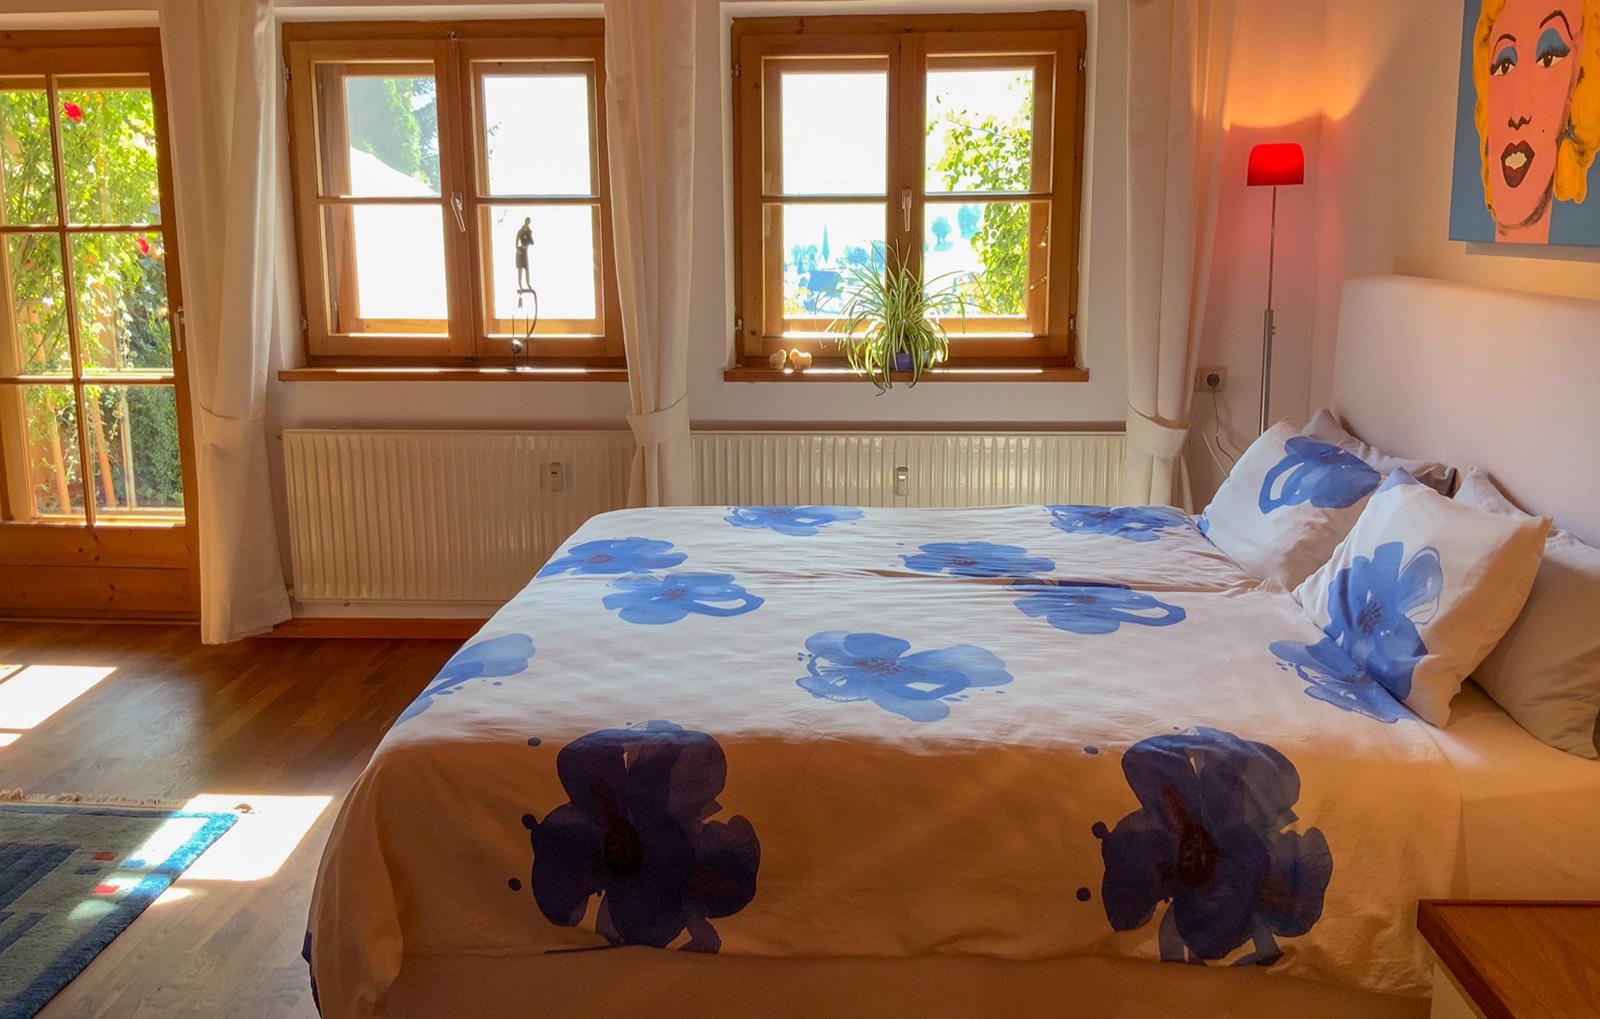 aussergewoehnlich-uebernachten-wildschoenau-bg41625734754